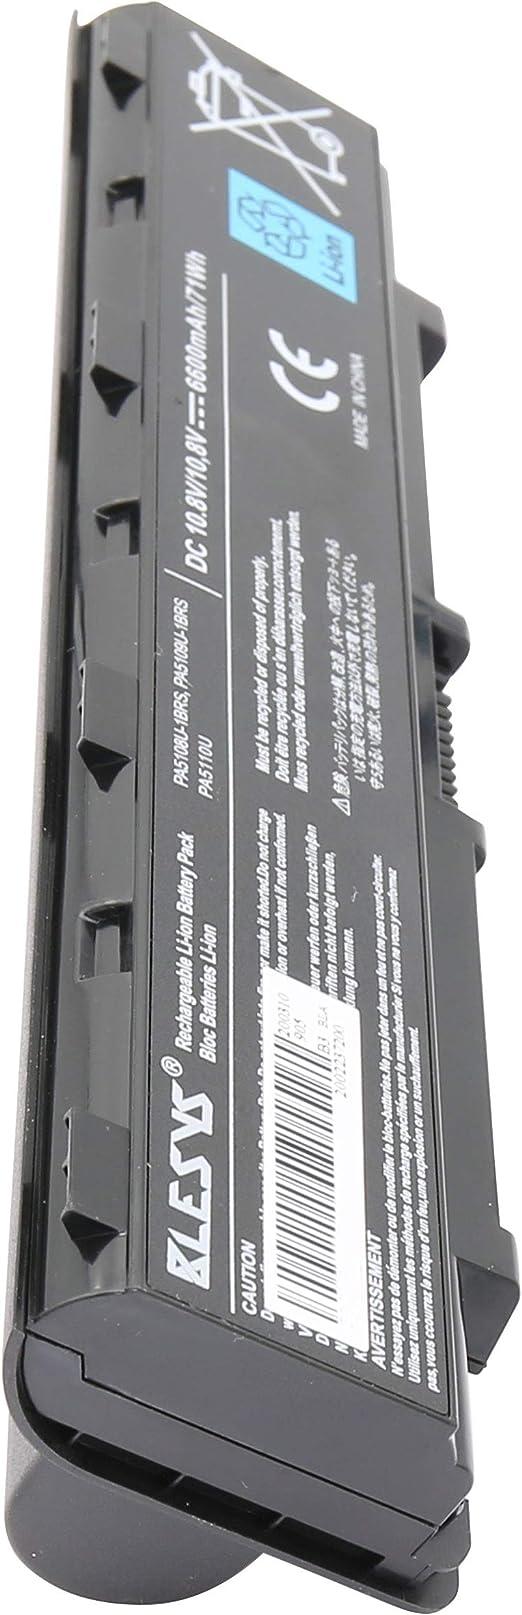 BLESYS 6600mAh Extended Battery PA5109U-1BRS PA5108U-1BRS PA5110U-1BRS Compatible with laptop battery Toshiba Satellite C40 C45 C50 C50D C50T C55D C55DT C55T C70 C75DT S70-B-10W Notebook battery